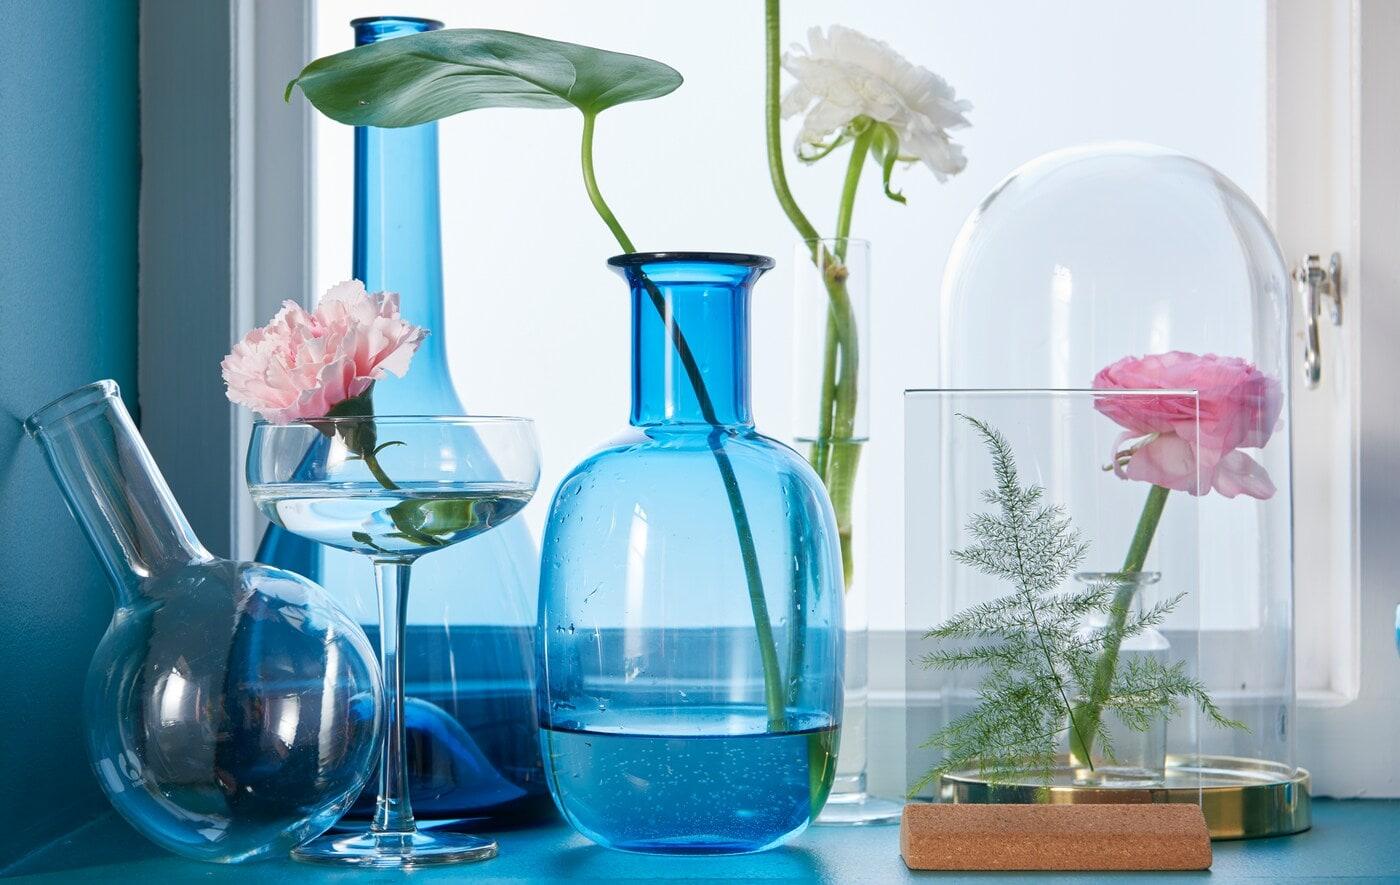 Стеклянный клош ИКЕА БЕГОВНИНГ продается вместе с металлизированной стальной подставкой золотисто-медного цвета. Благодаря ей ваши любимые вещи одновременно будут на виду и защищены от пыли. Поставьте в нее свежие цветы в качестве декора для окна и дополните ее стеклянными вазами.